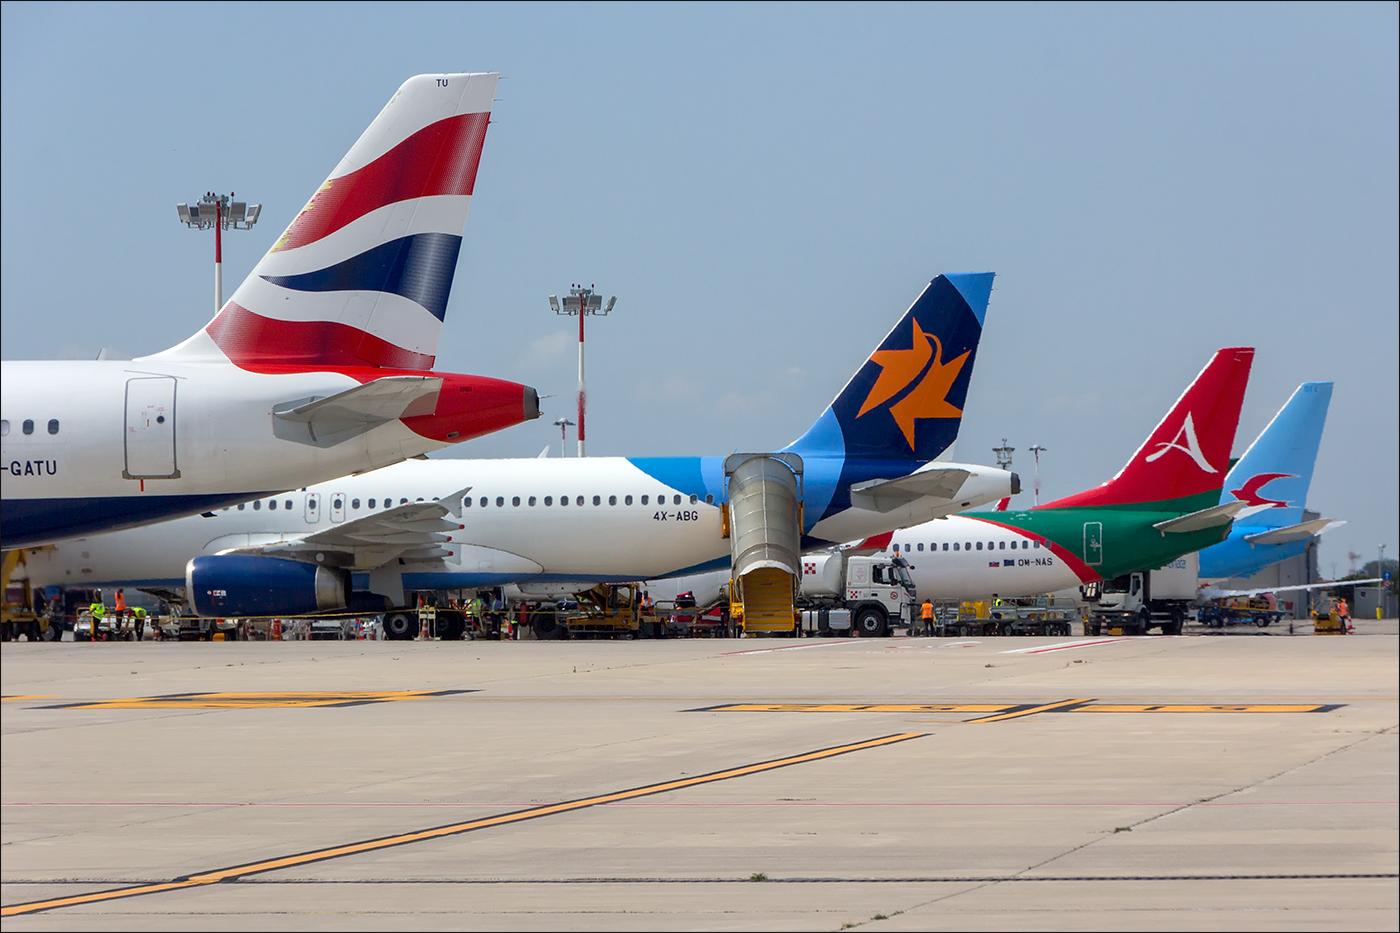 Aeroporto di Verona: situazione e programma voli